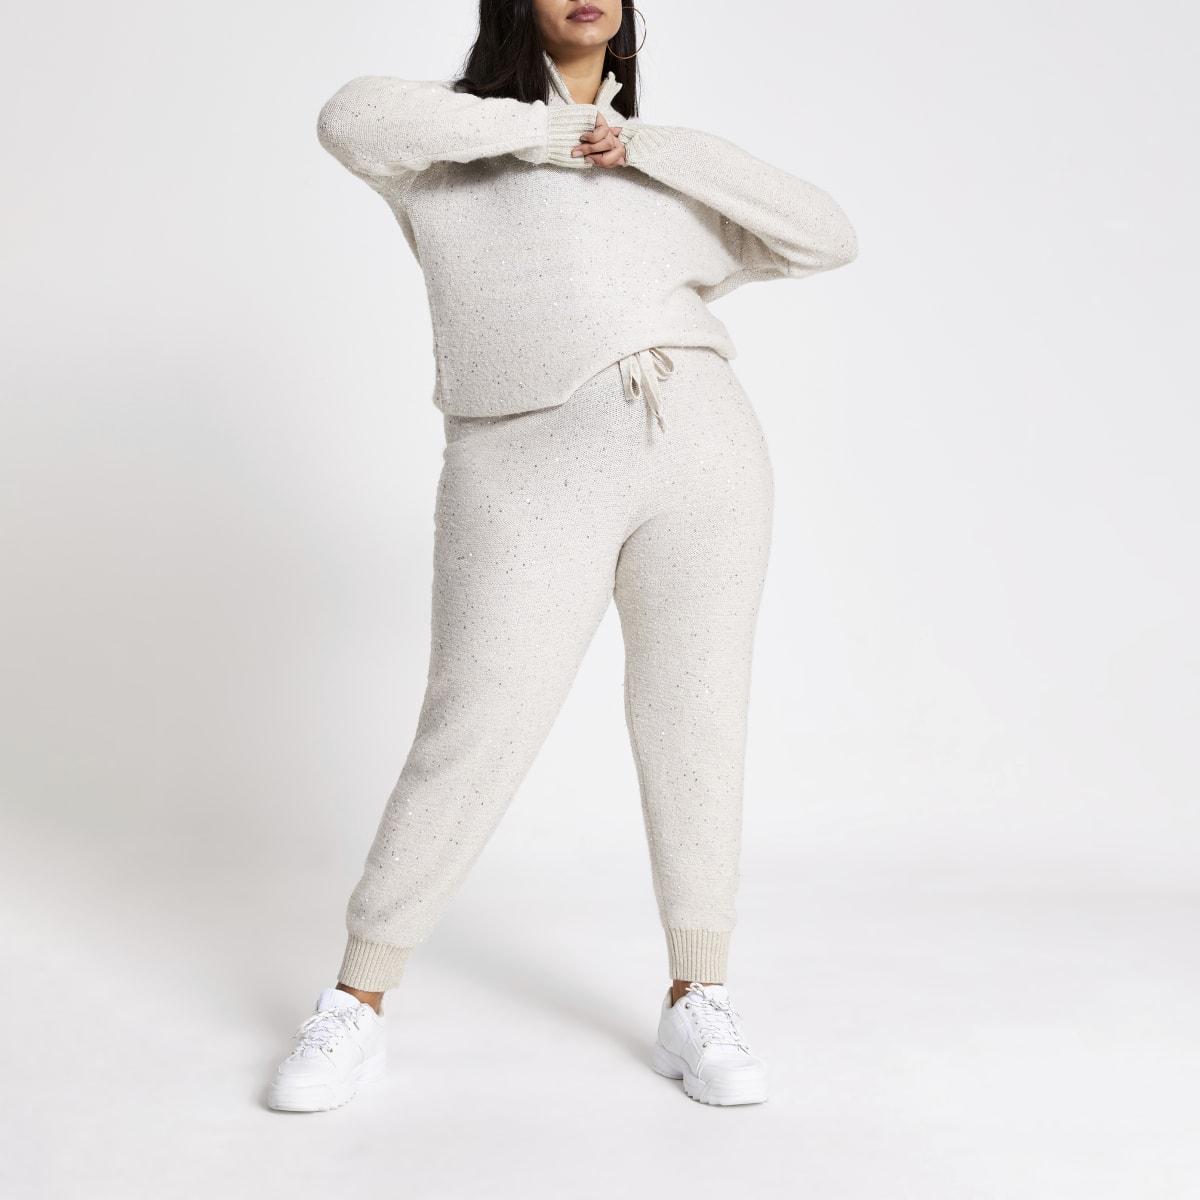 Plus–Pantalons de jogging en maille beige ornés de sequins